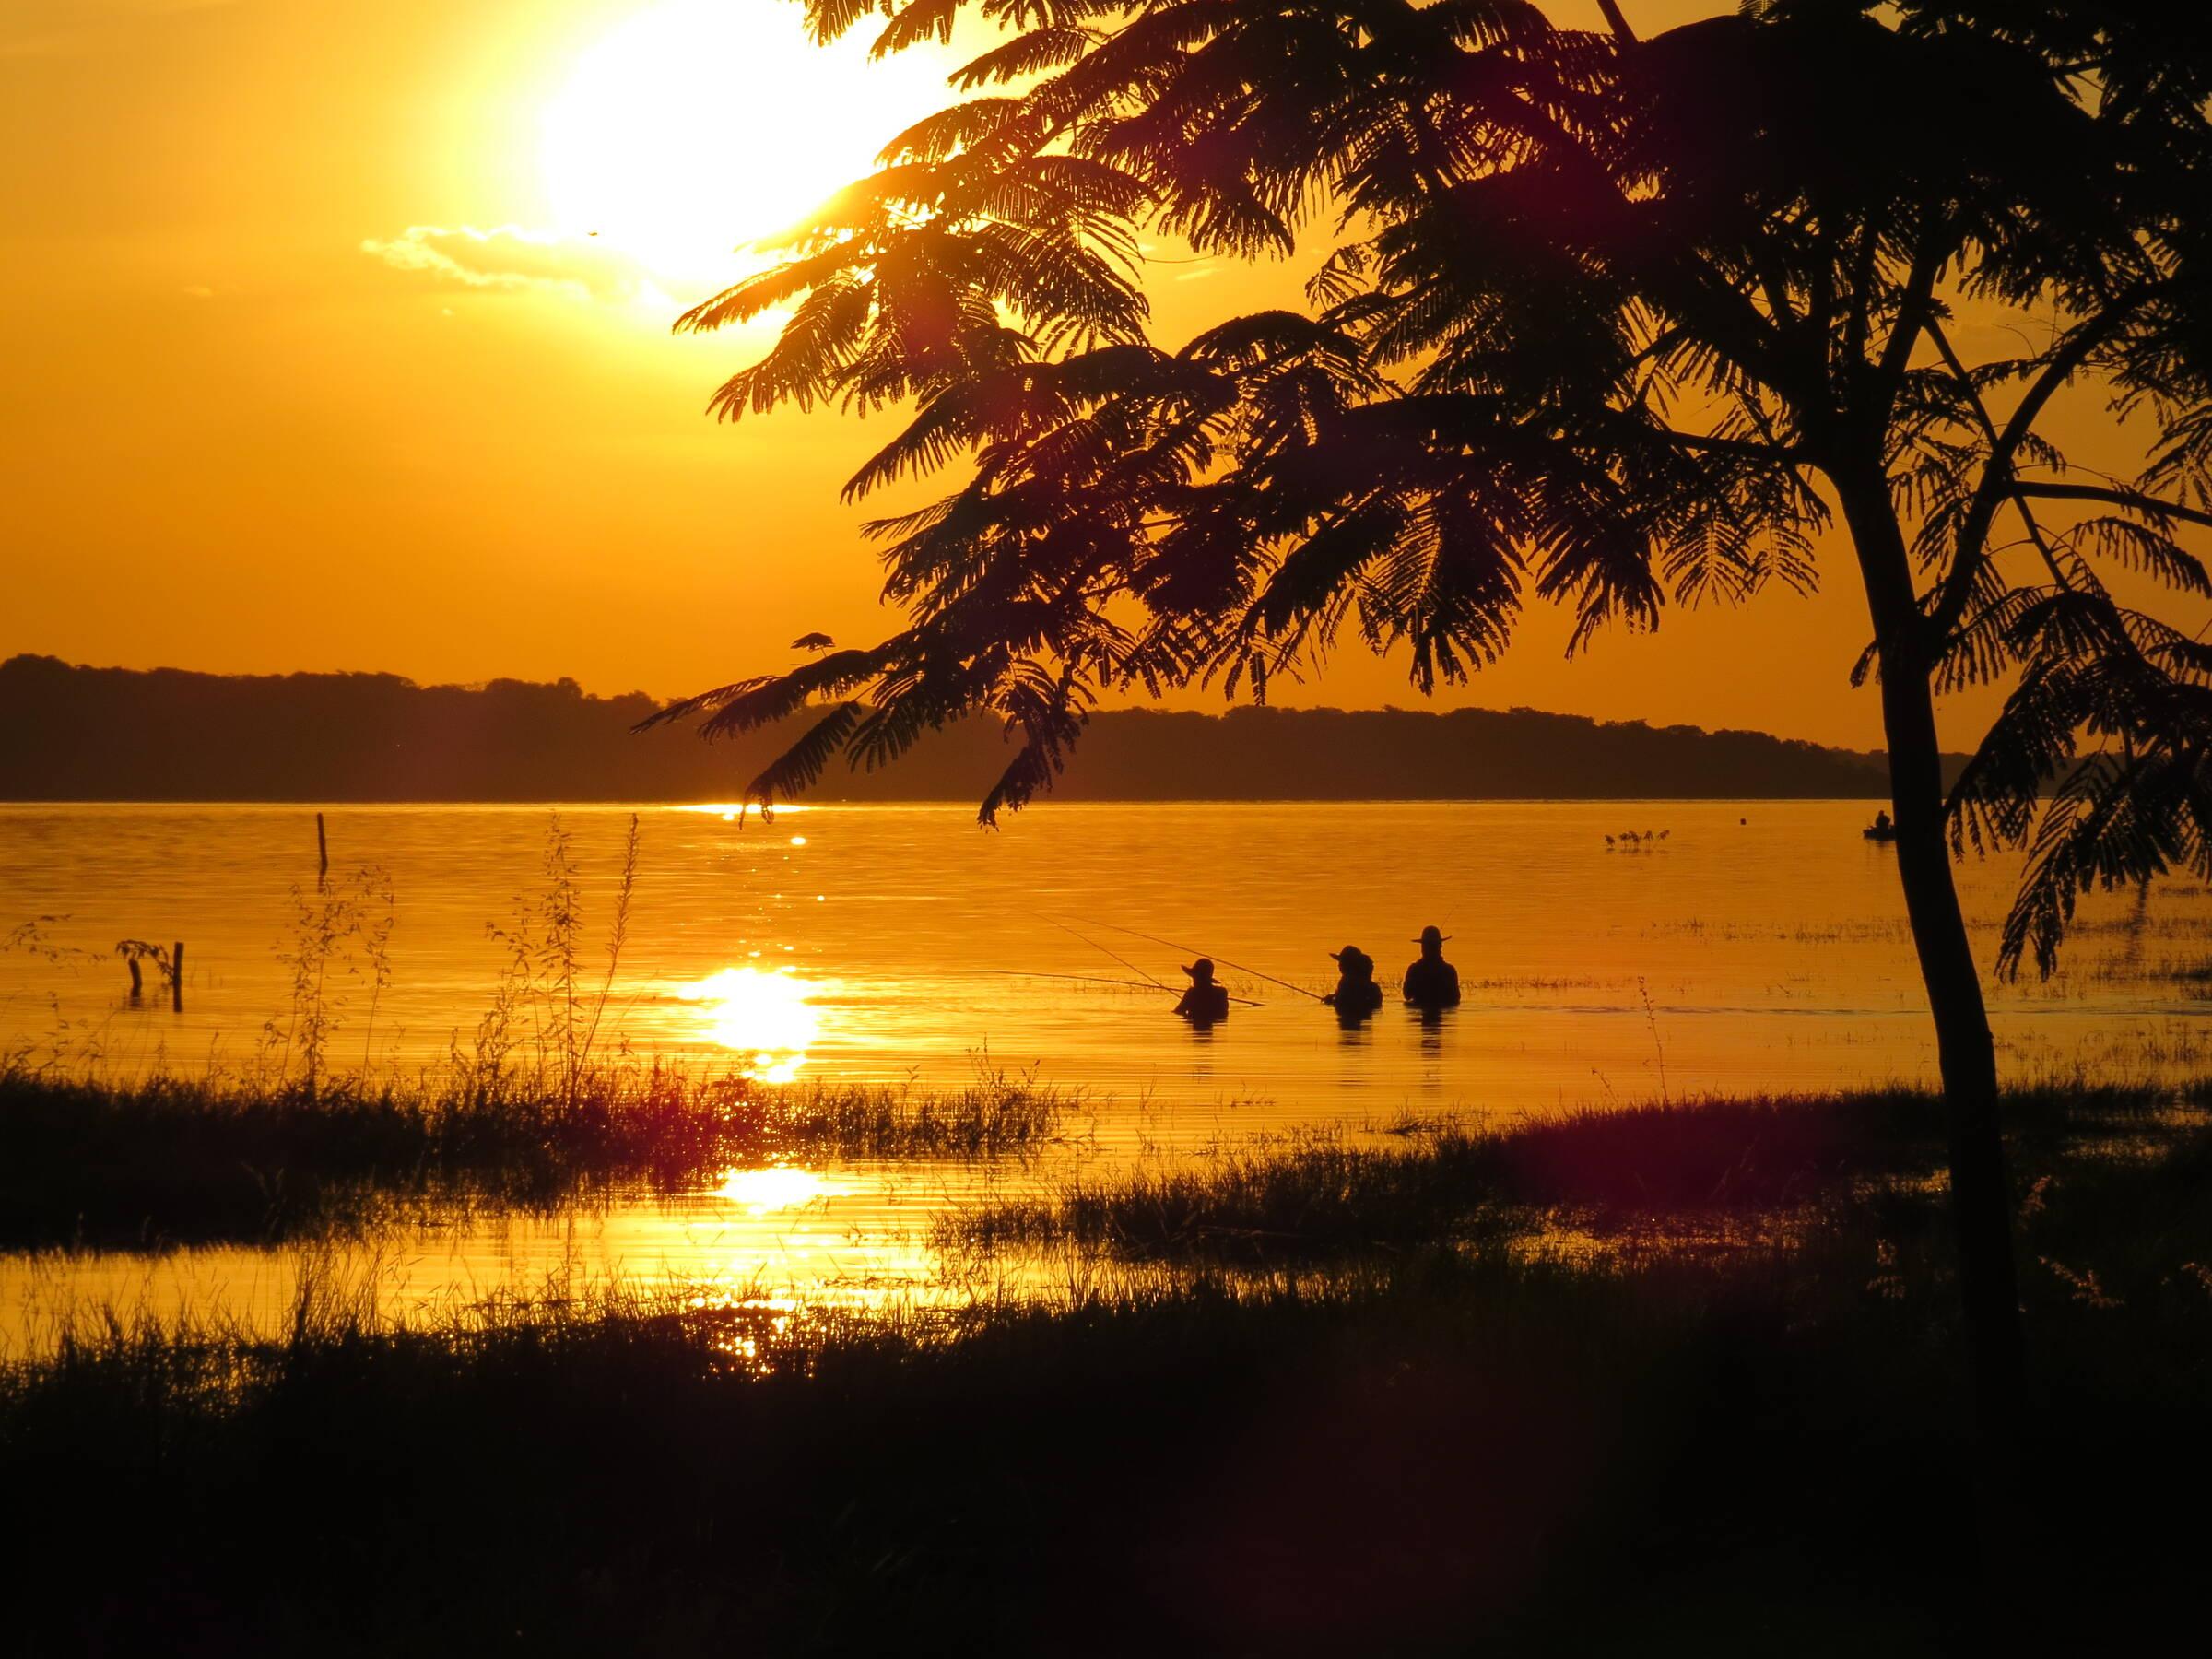 roteiro-Praia de rio, pescaria esportiva e outras descobertas: um roteiro para explorar a região de Entre Rios